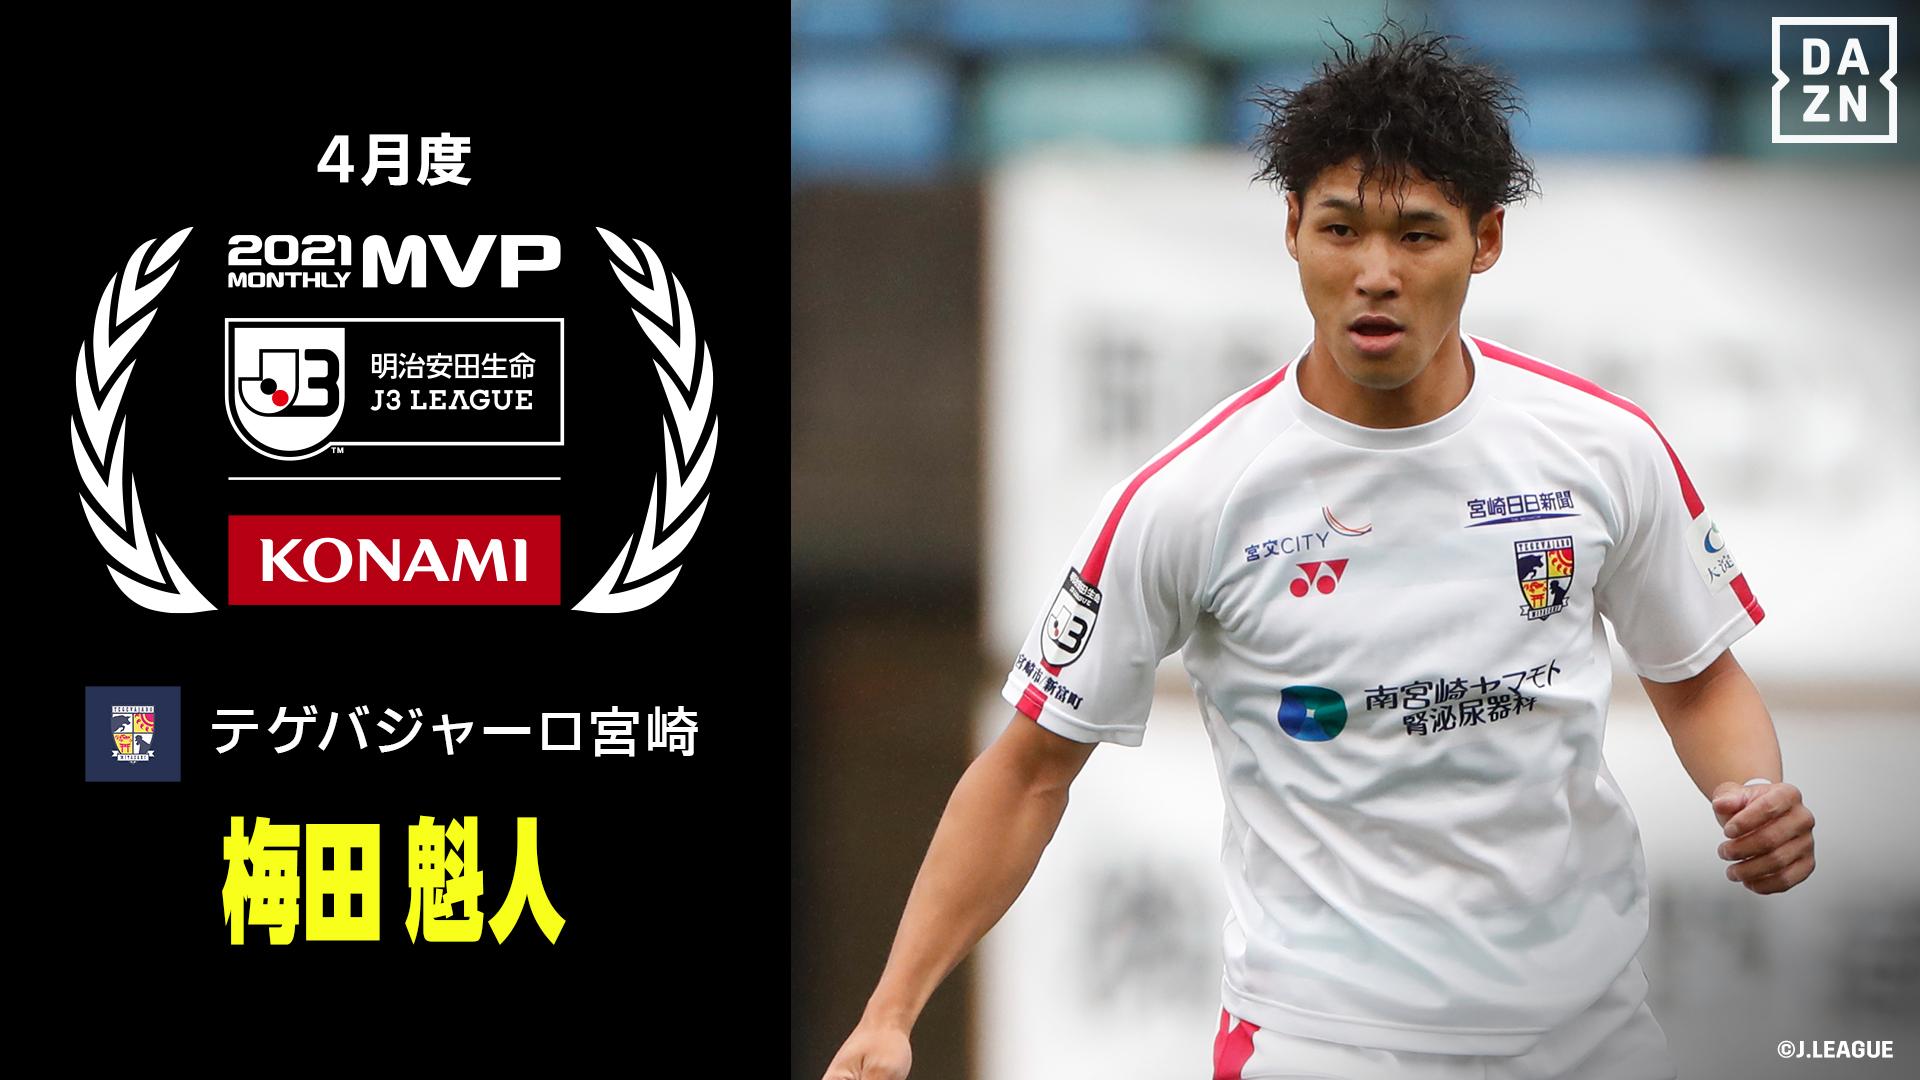 明治安田生命Jリーグ KONAMI月間MVP J3 4月度 梅田 魁人選手(テゲバジャーロ宮崎)